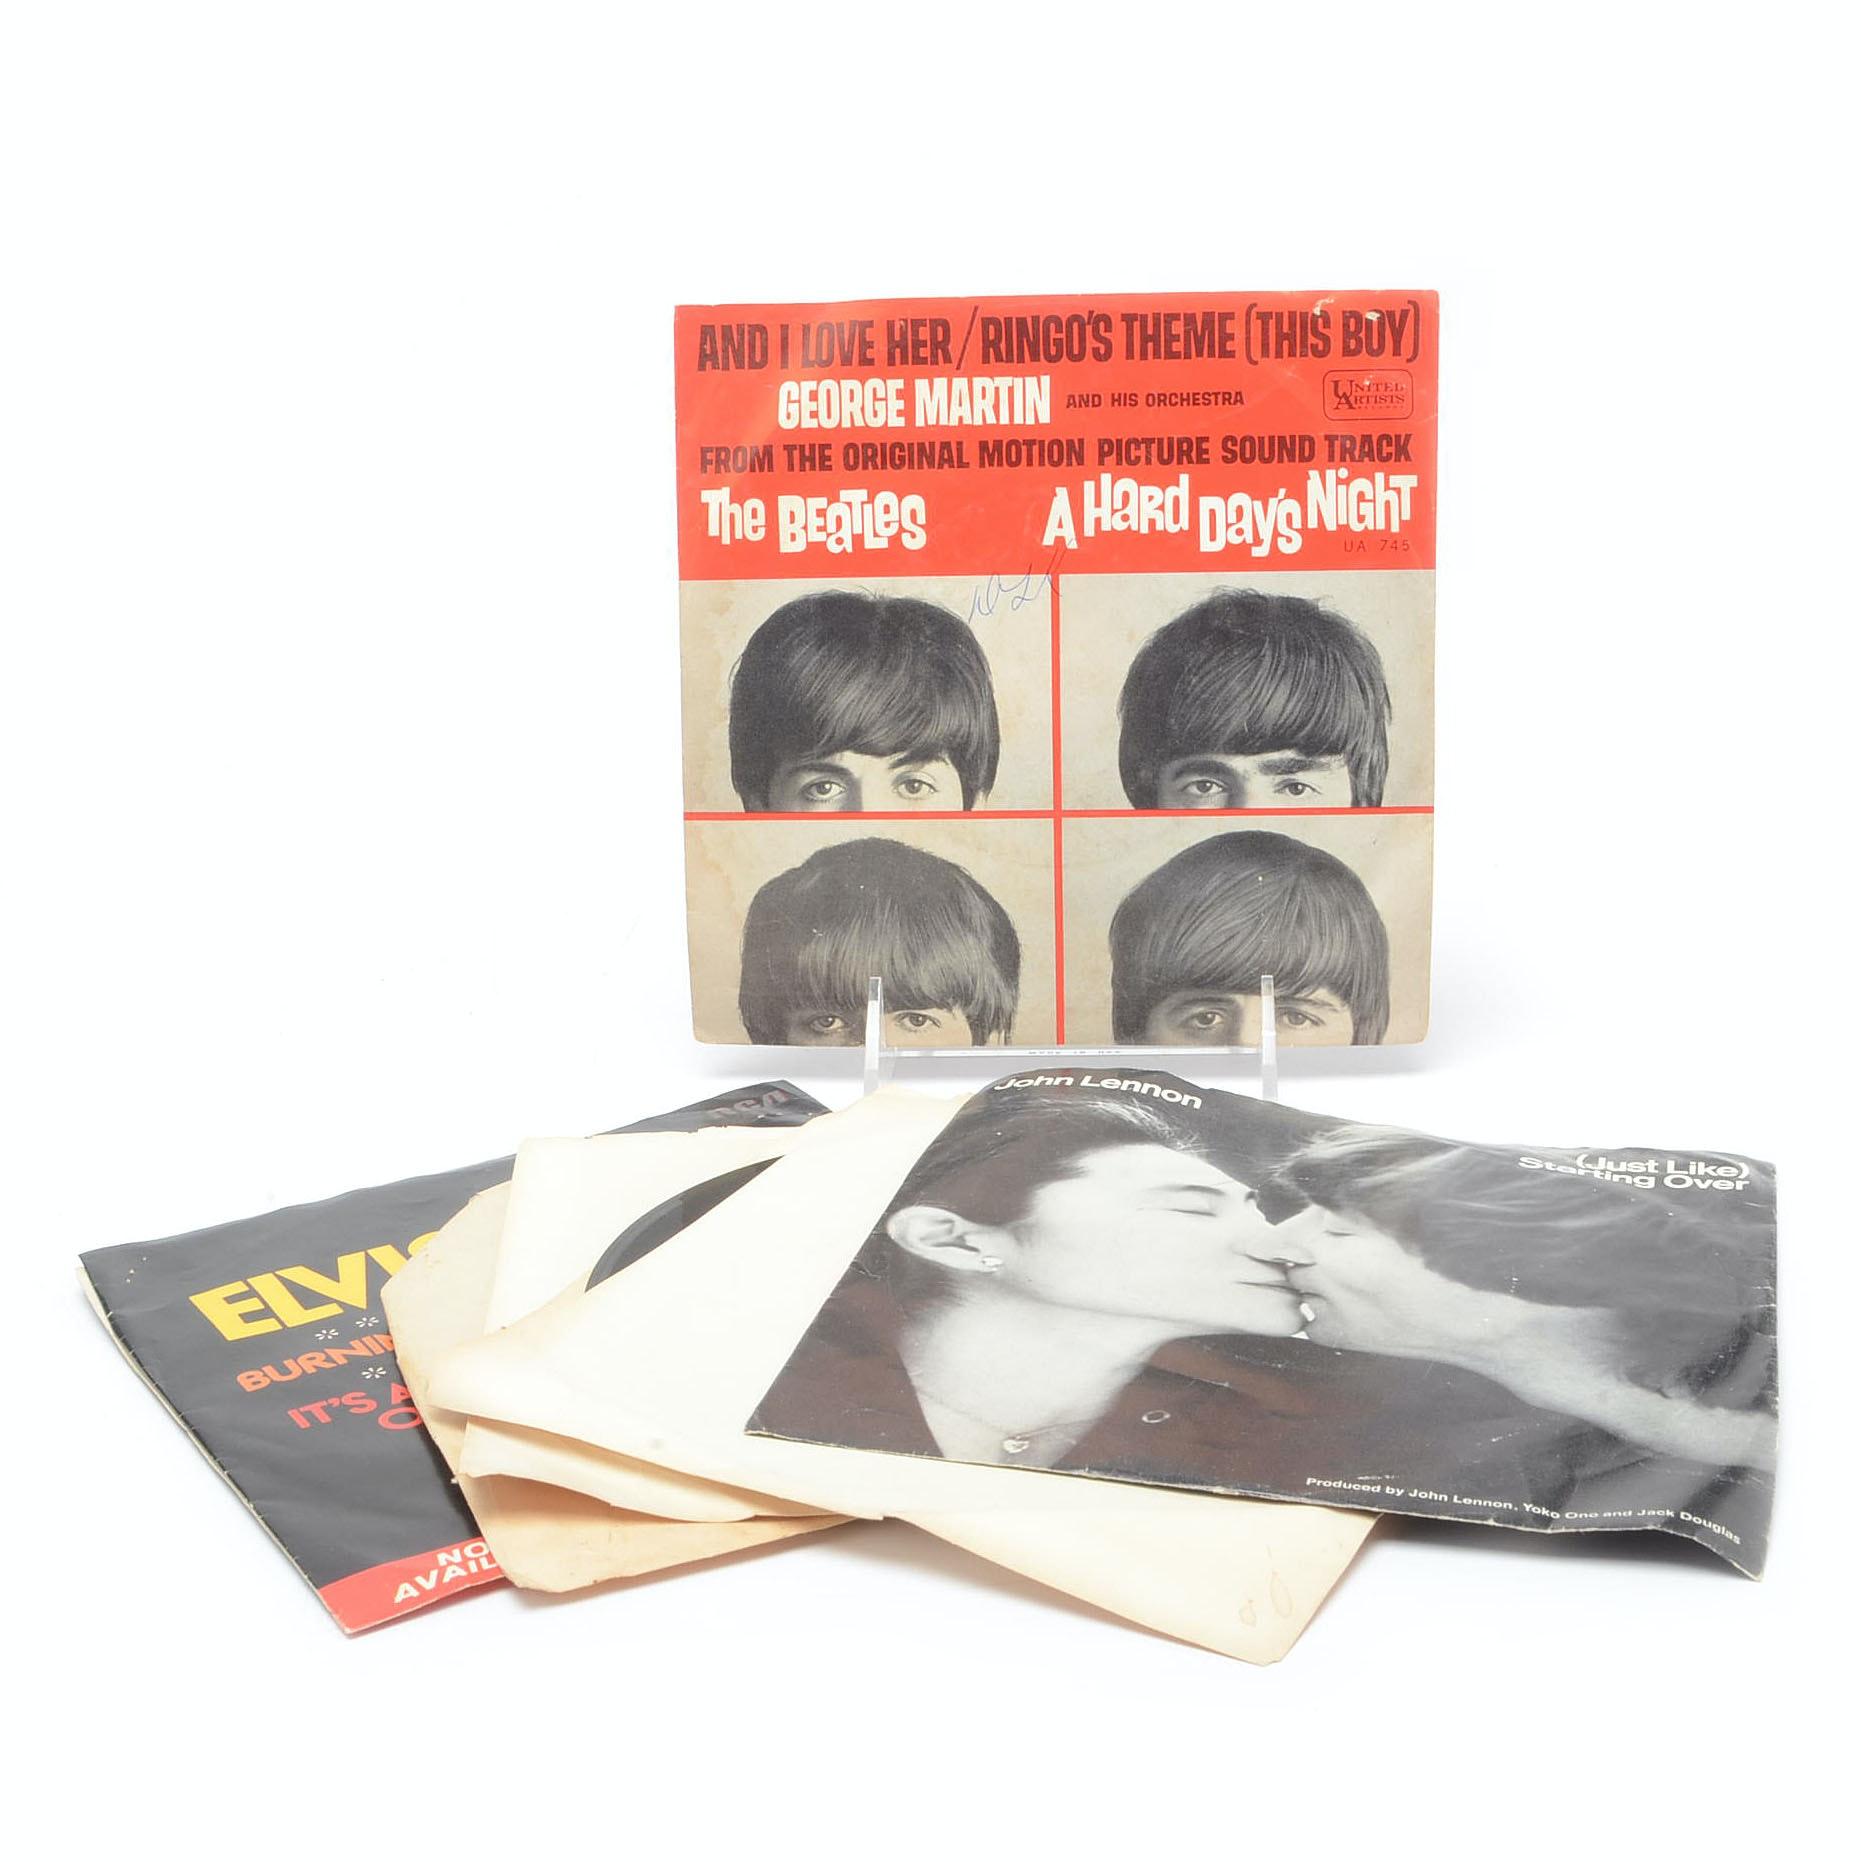 Beatles, John Lennon and Elvis 45 rpm Singles